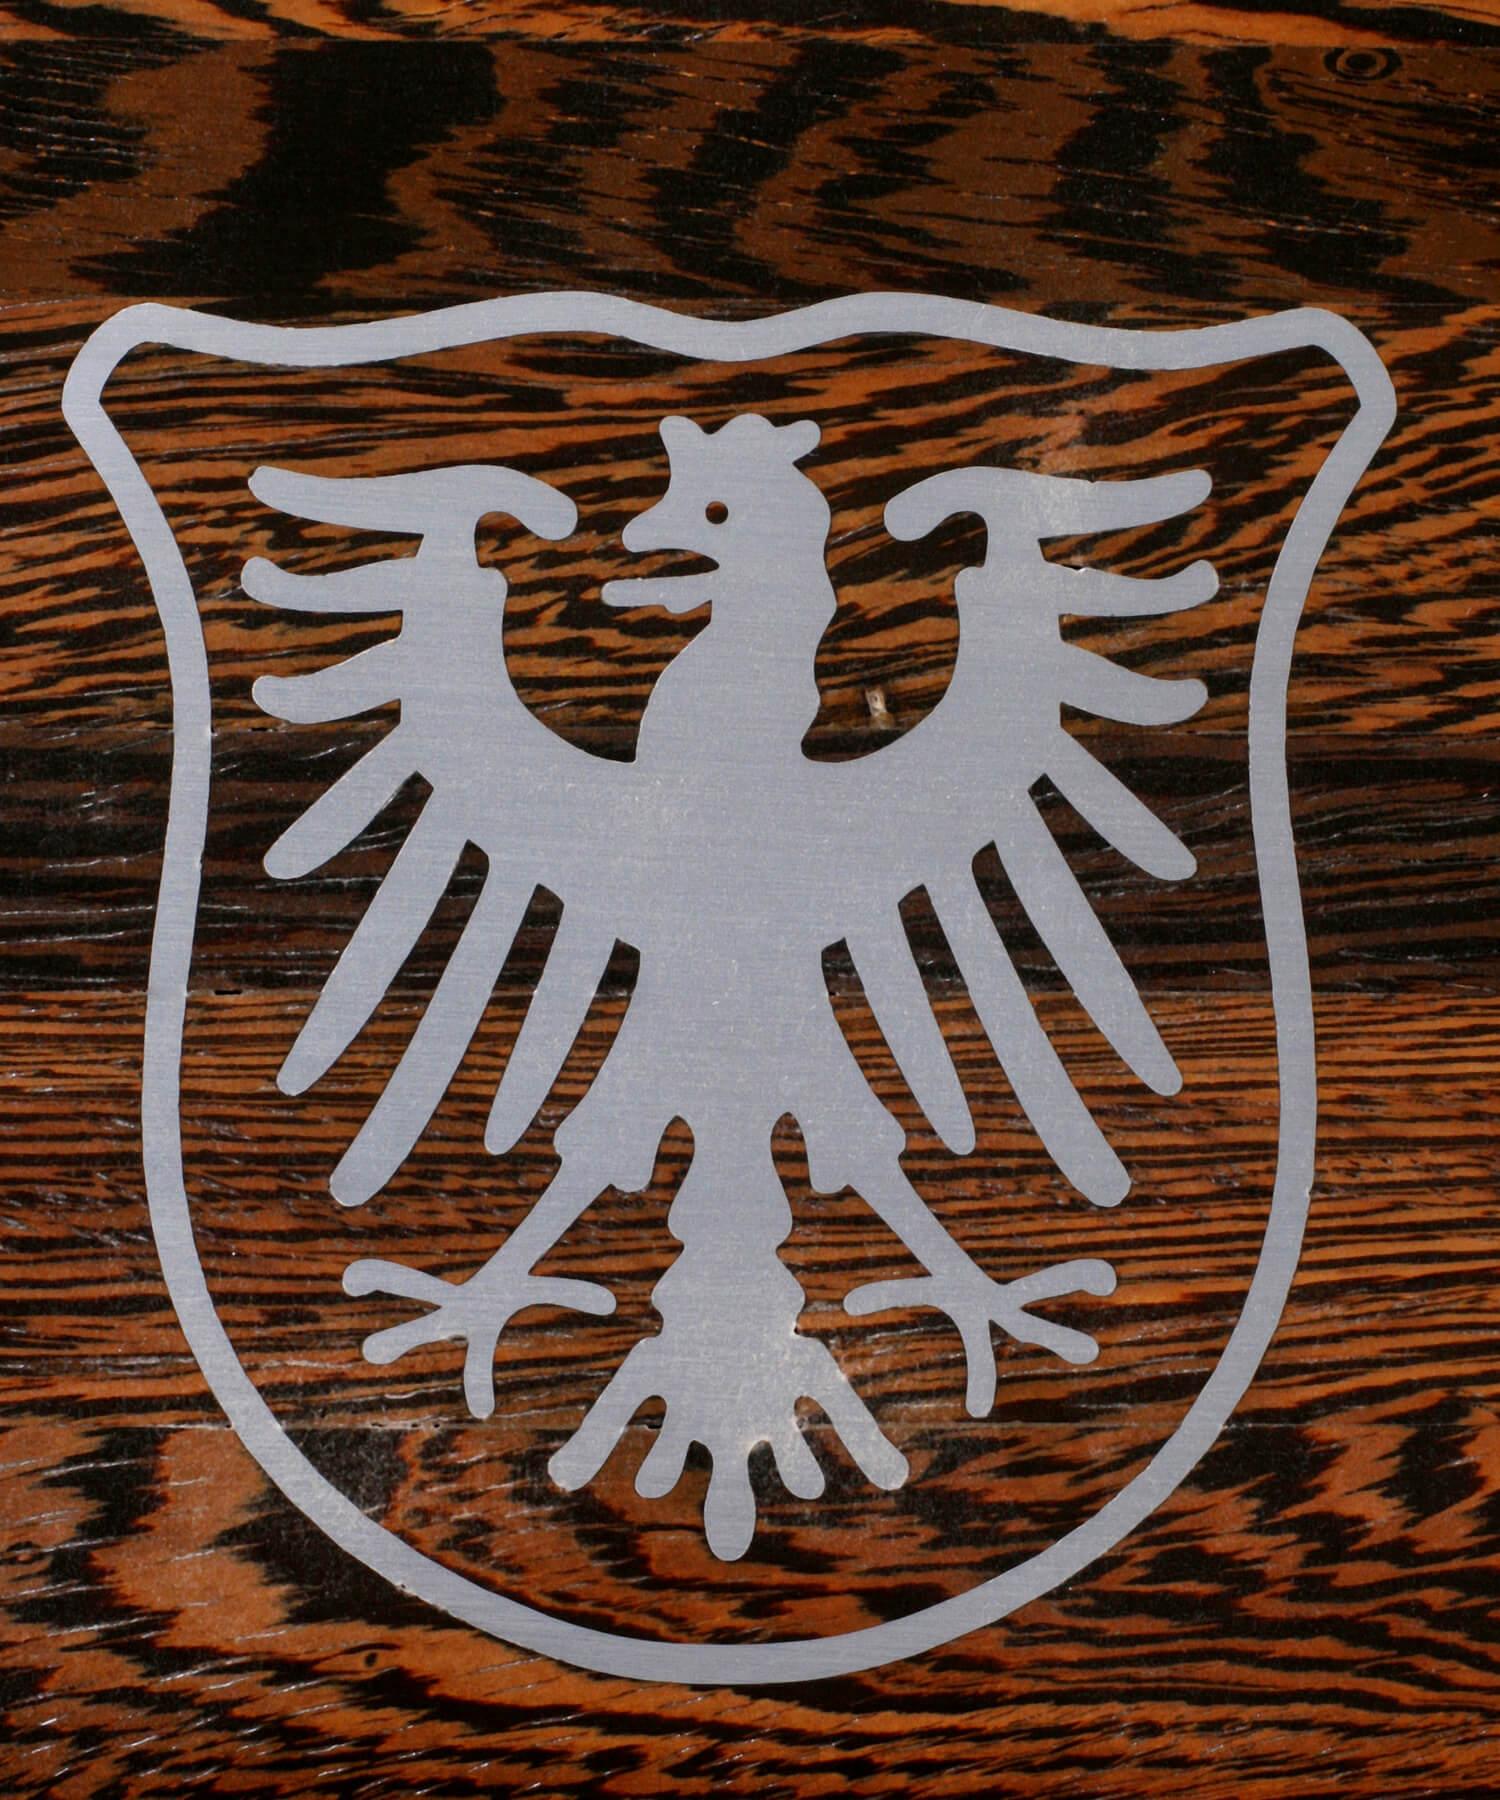 STREGER-Massivholztreppen-Intarsien-Wappen